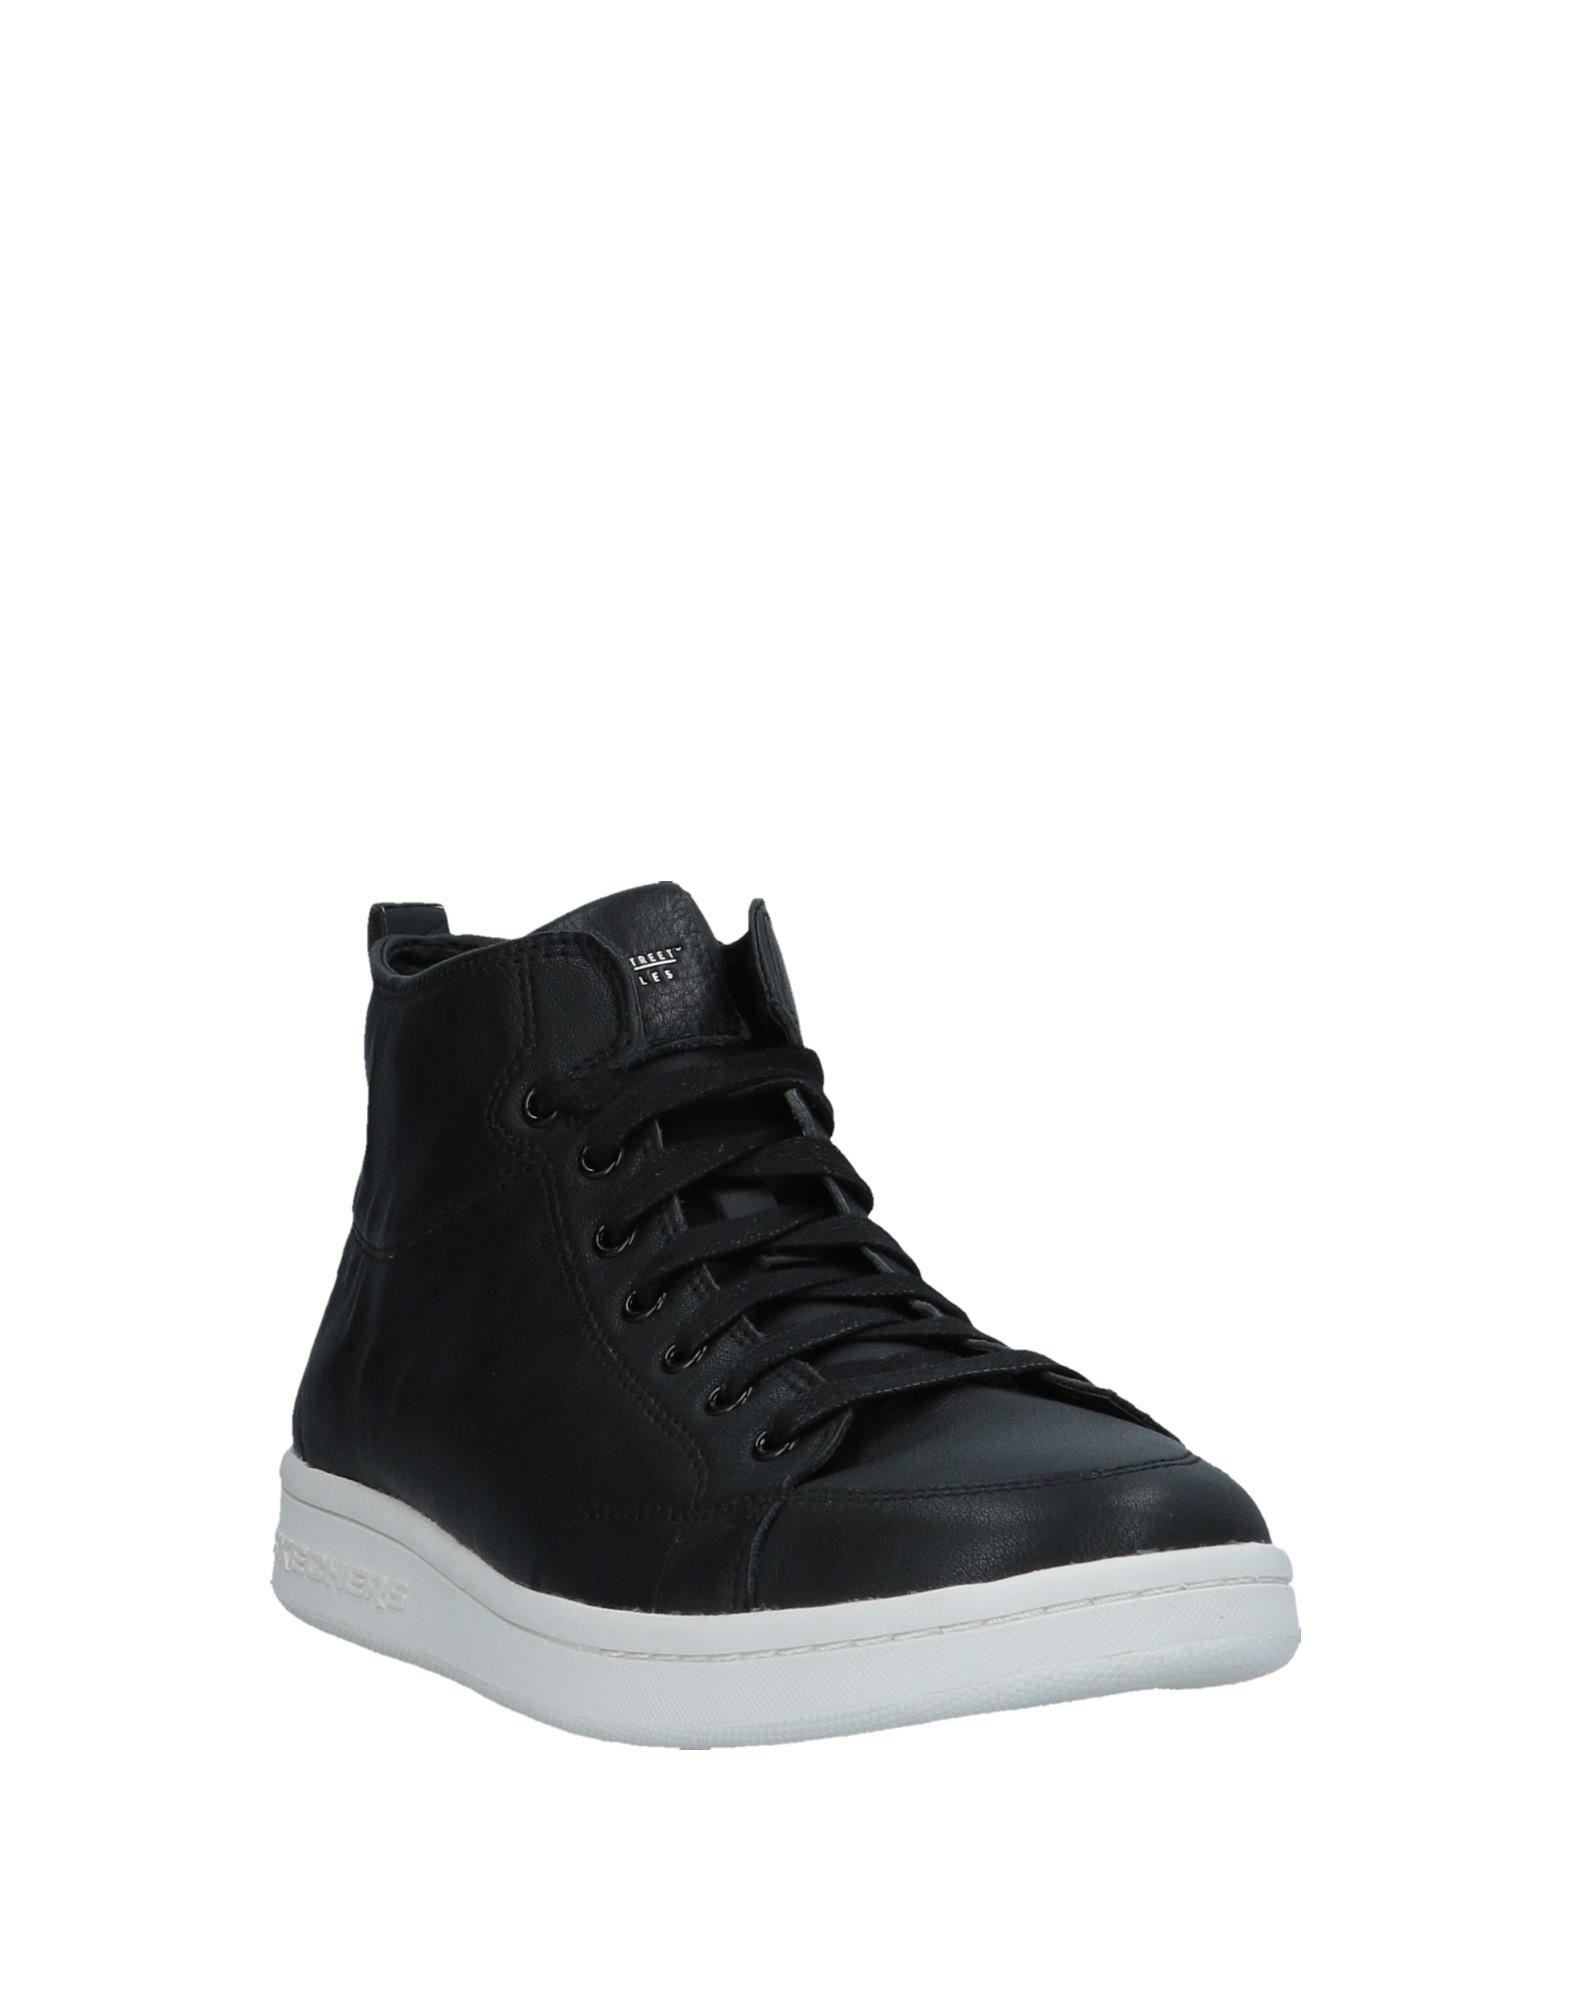 11529212JK Skechers Sneakers Damen  11529212JK  Heiße Schuhe 415739